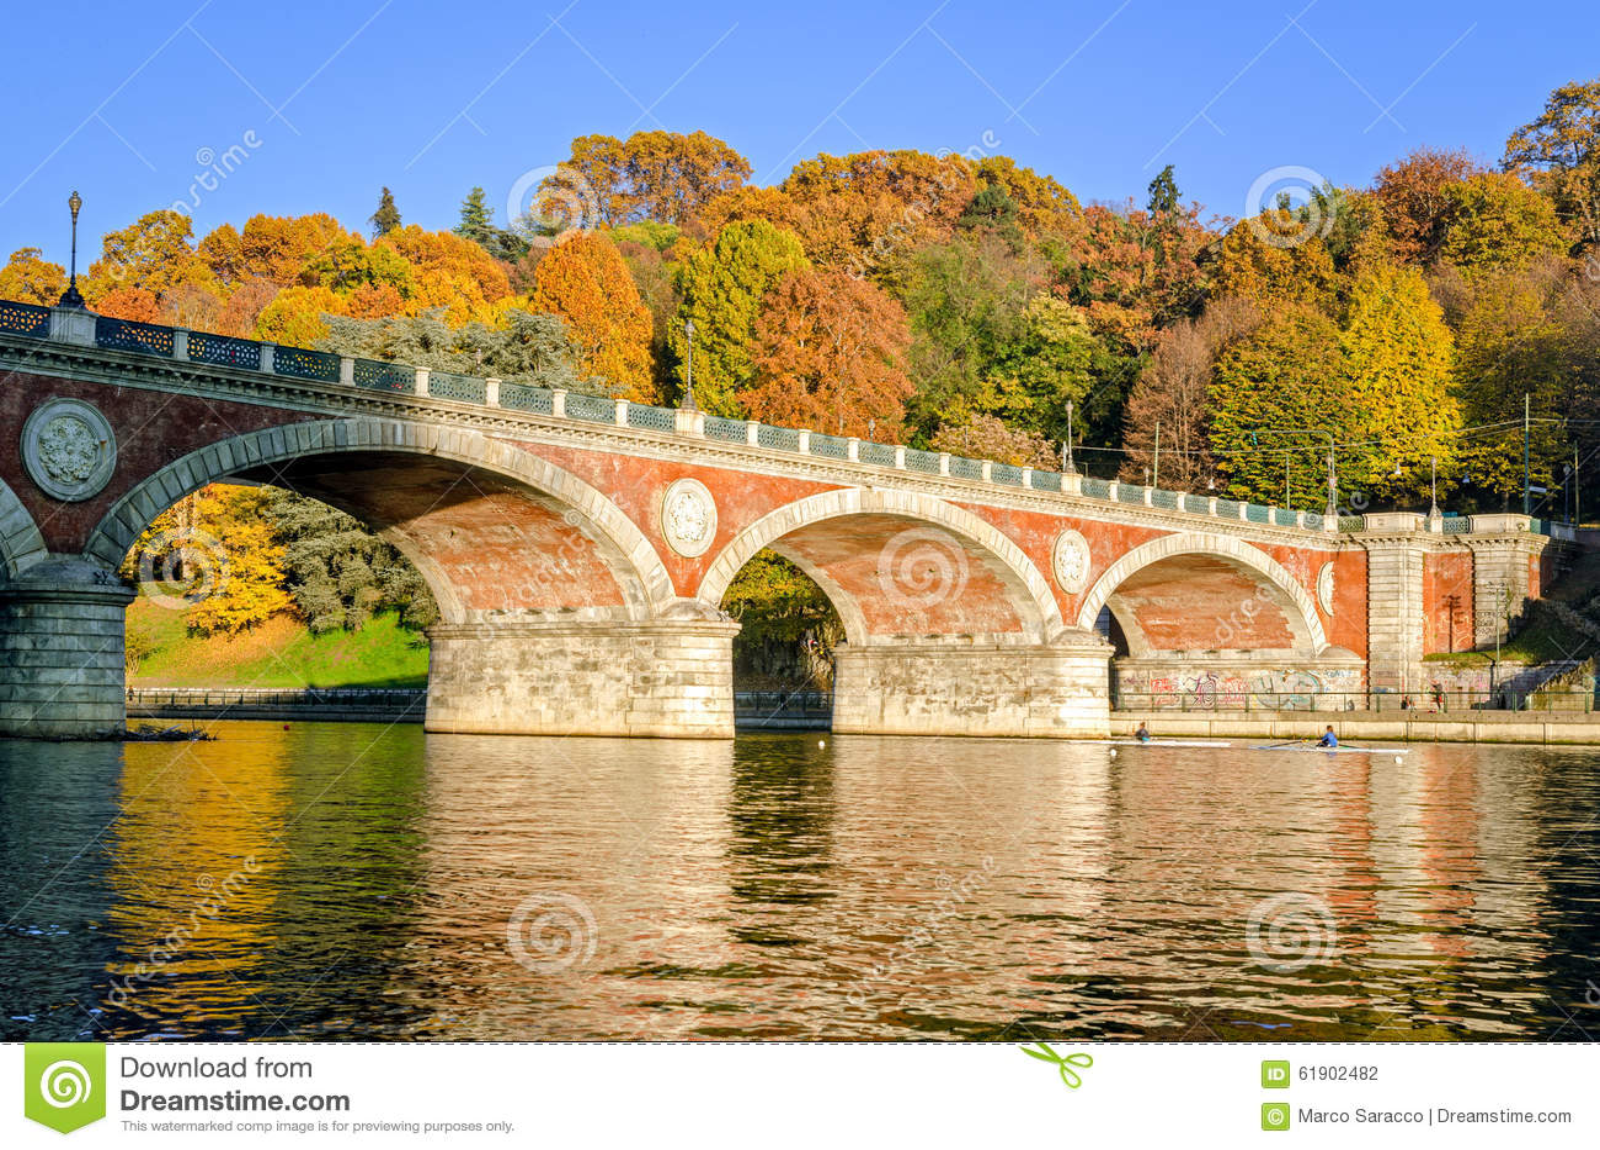 Turin (Torino) Bridge Isabella and River Po